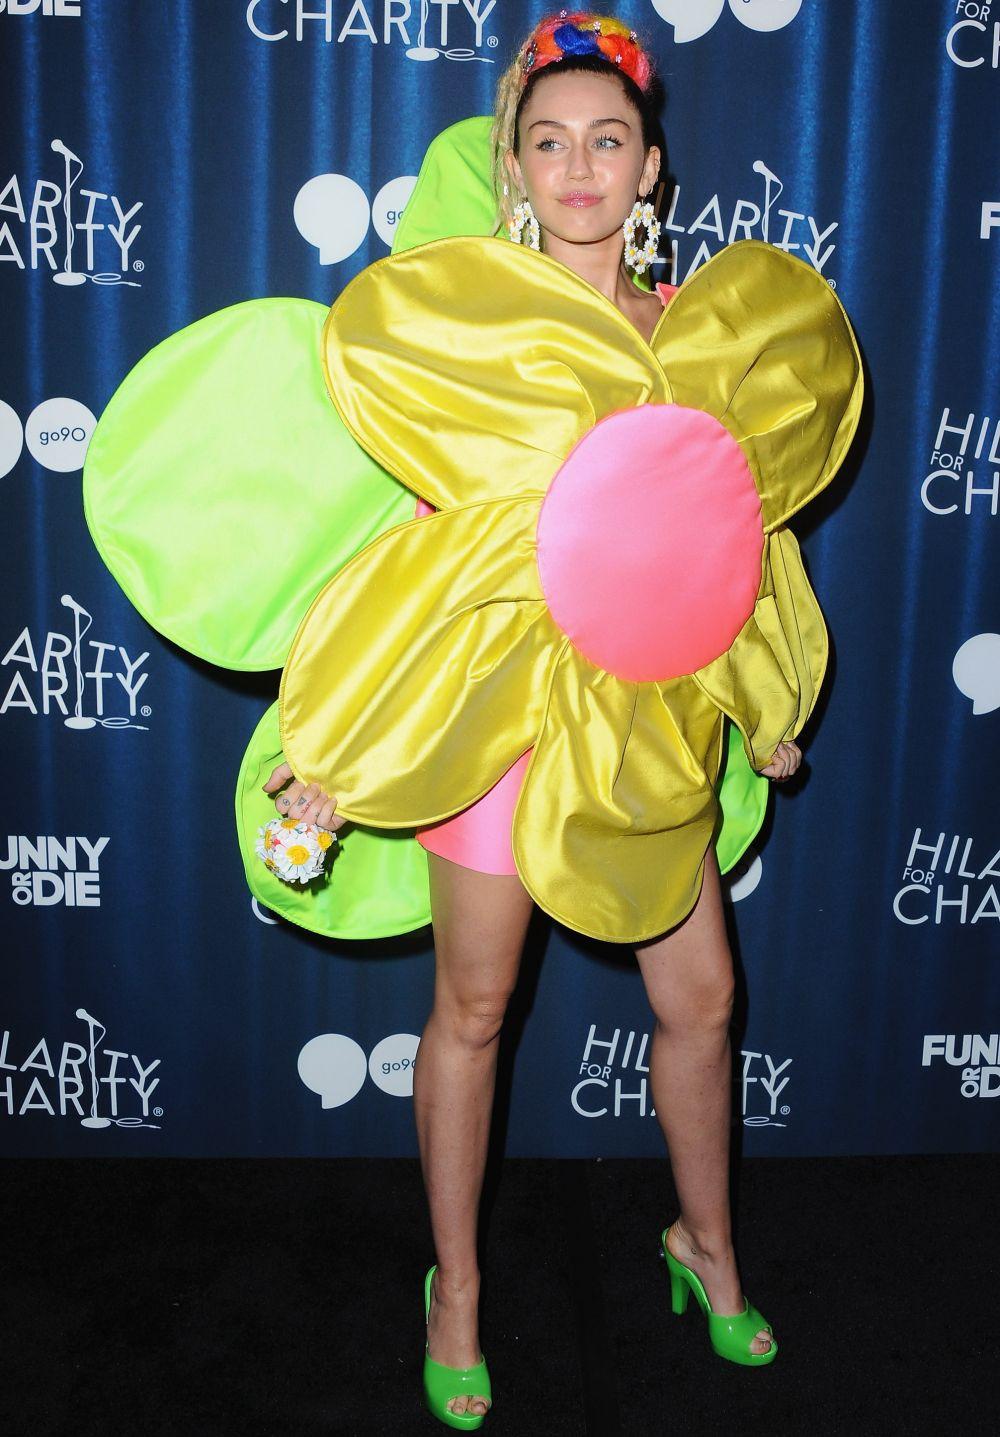 Las tetas de Rihanna y las tetas de Miley Cyrus, estrellas